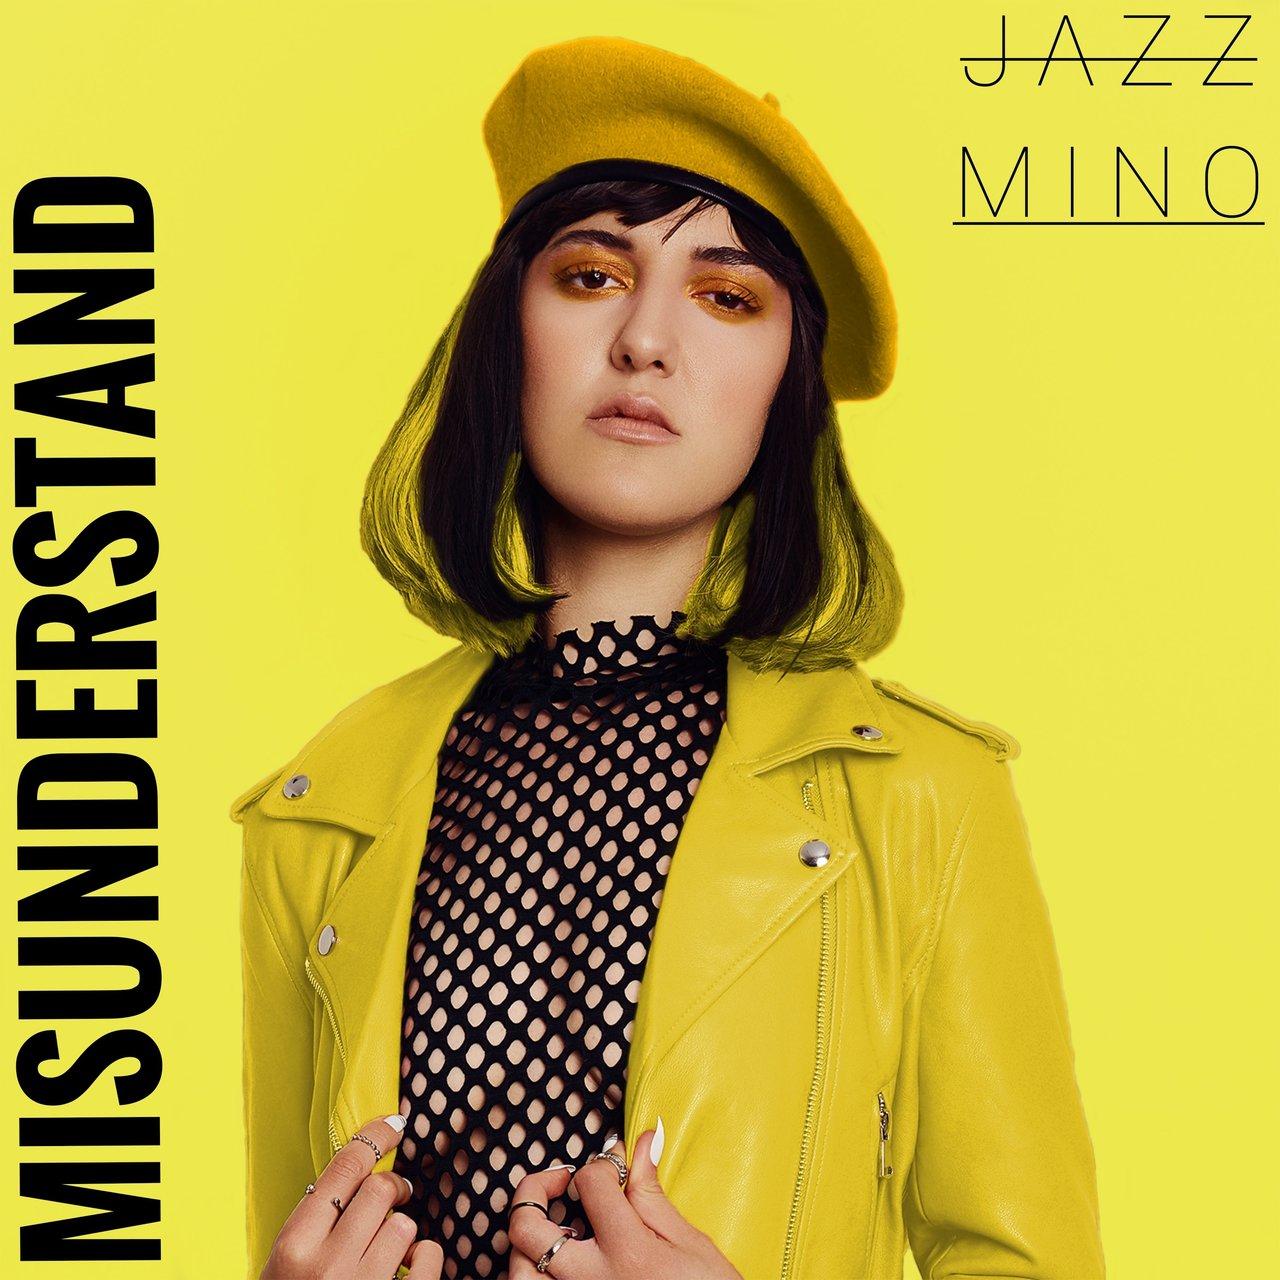 Jazz Mino - Misunderstand